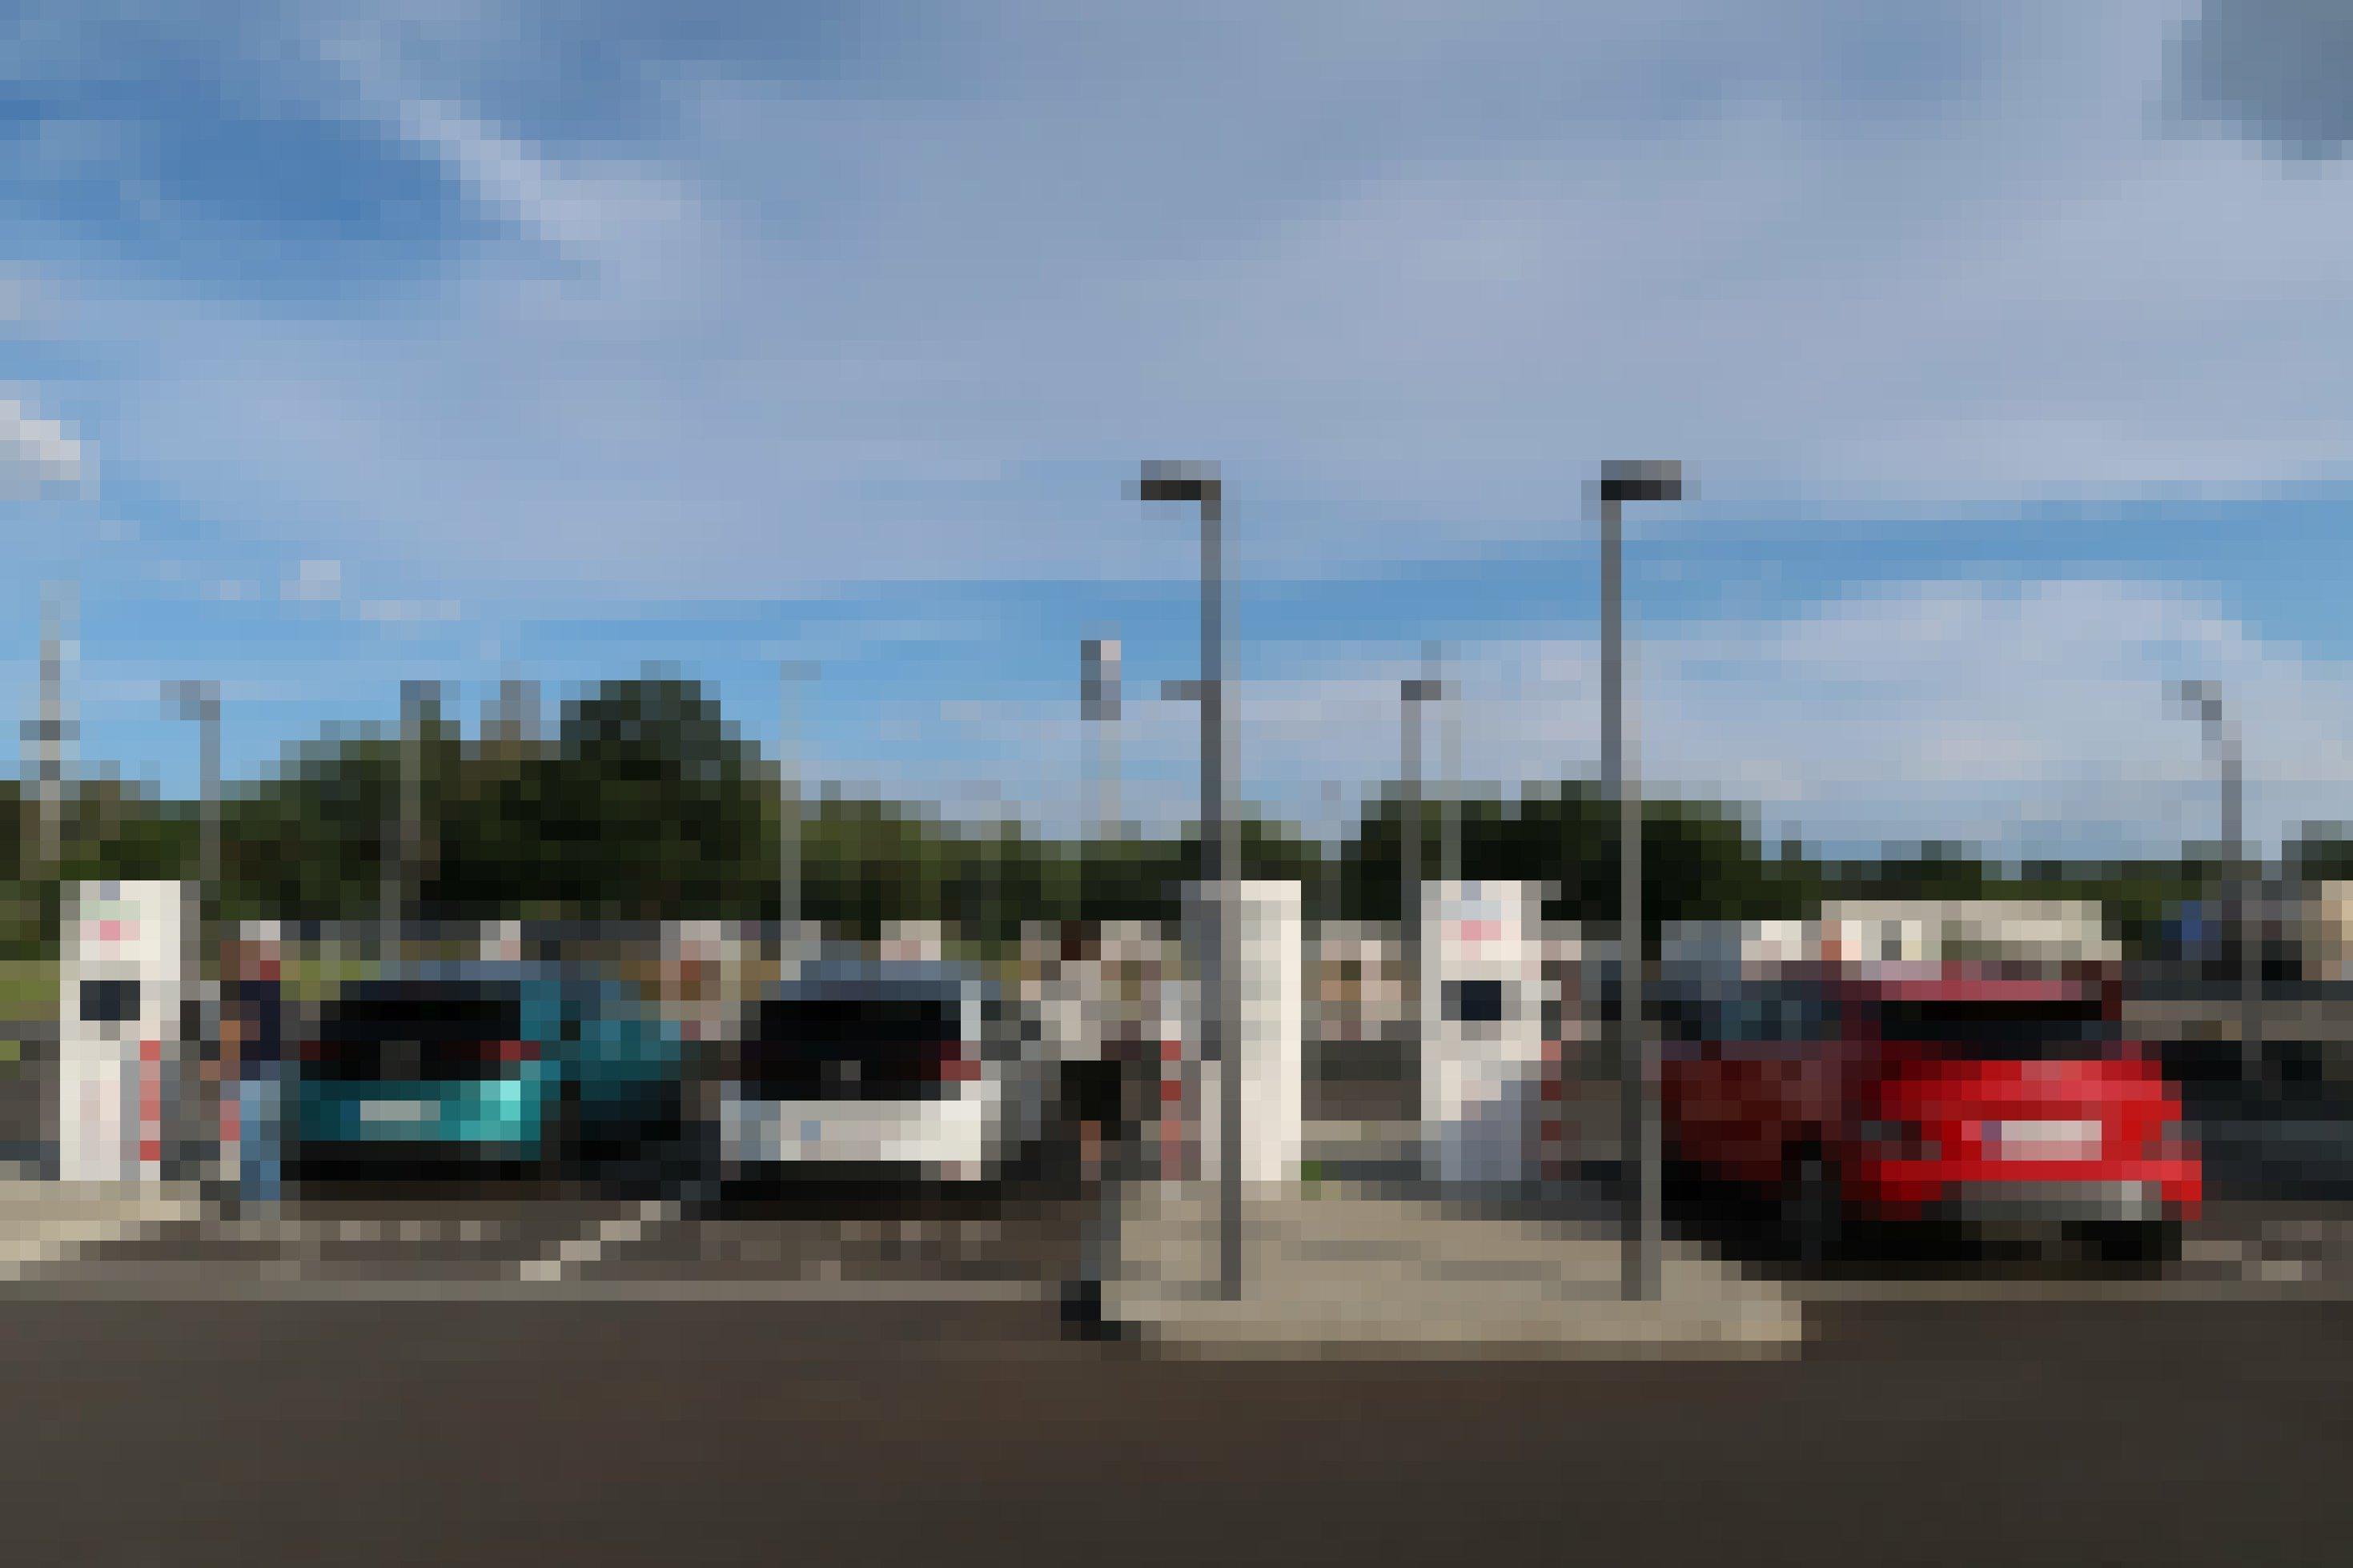 Mehrere Elektroautos tanken Strom an Schnellladesäulen.